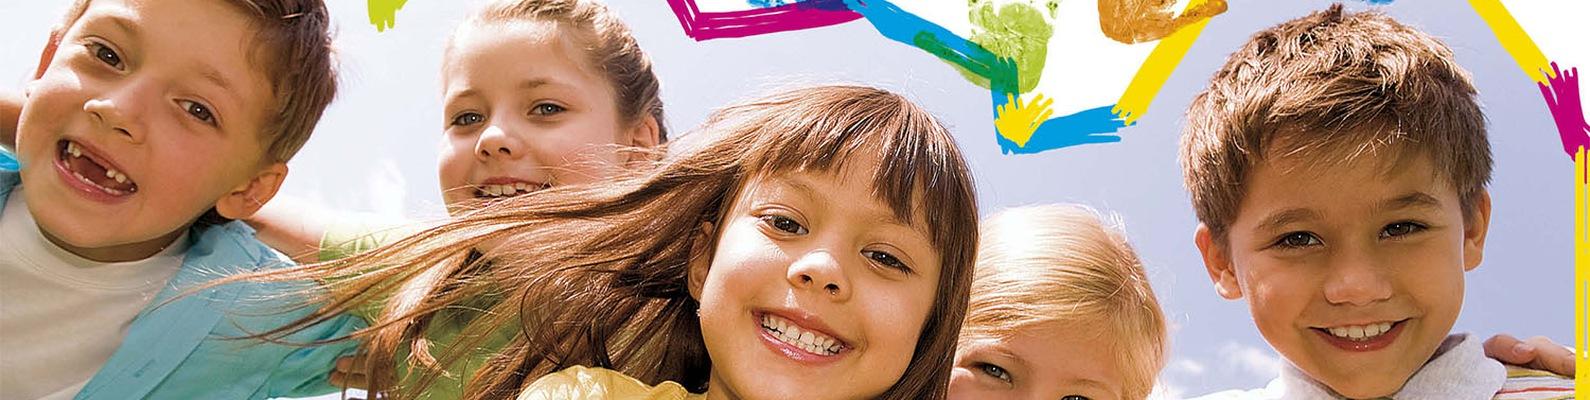 Ищу спонсора для многодетной семьи подать объявление бесплатно куда подать объявление о продаже пеноблоков